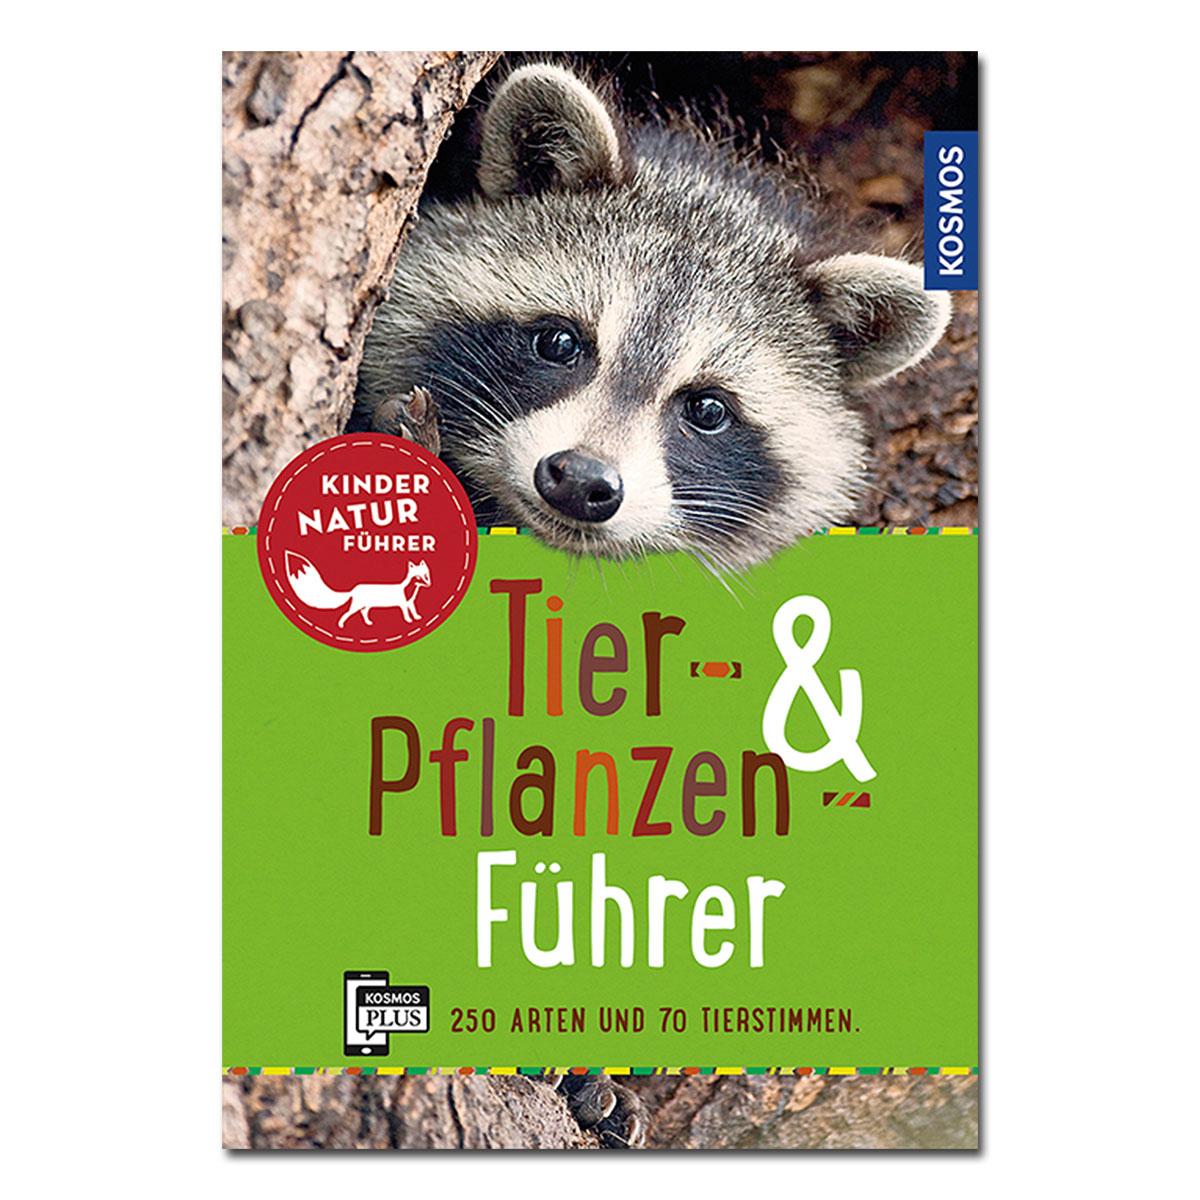 Kinder-Naturführer: Tier- & Pflanzenführer im Pareyshop